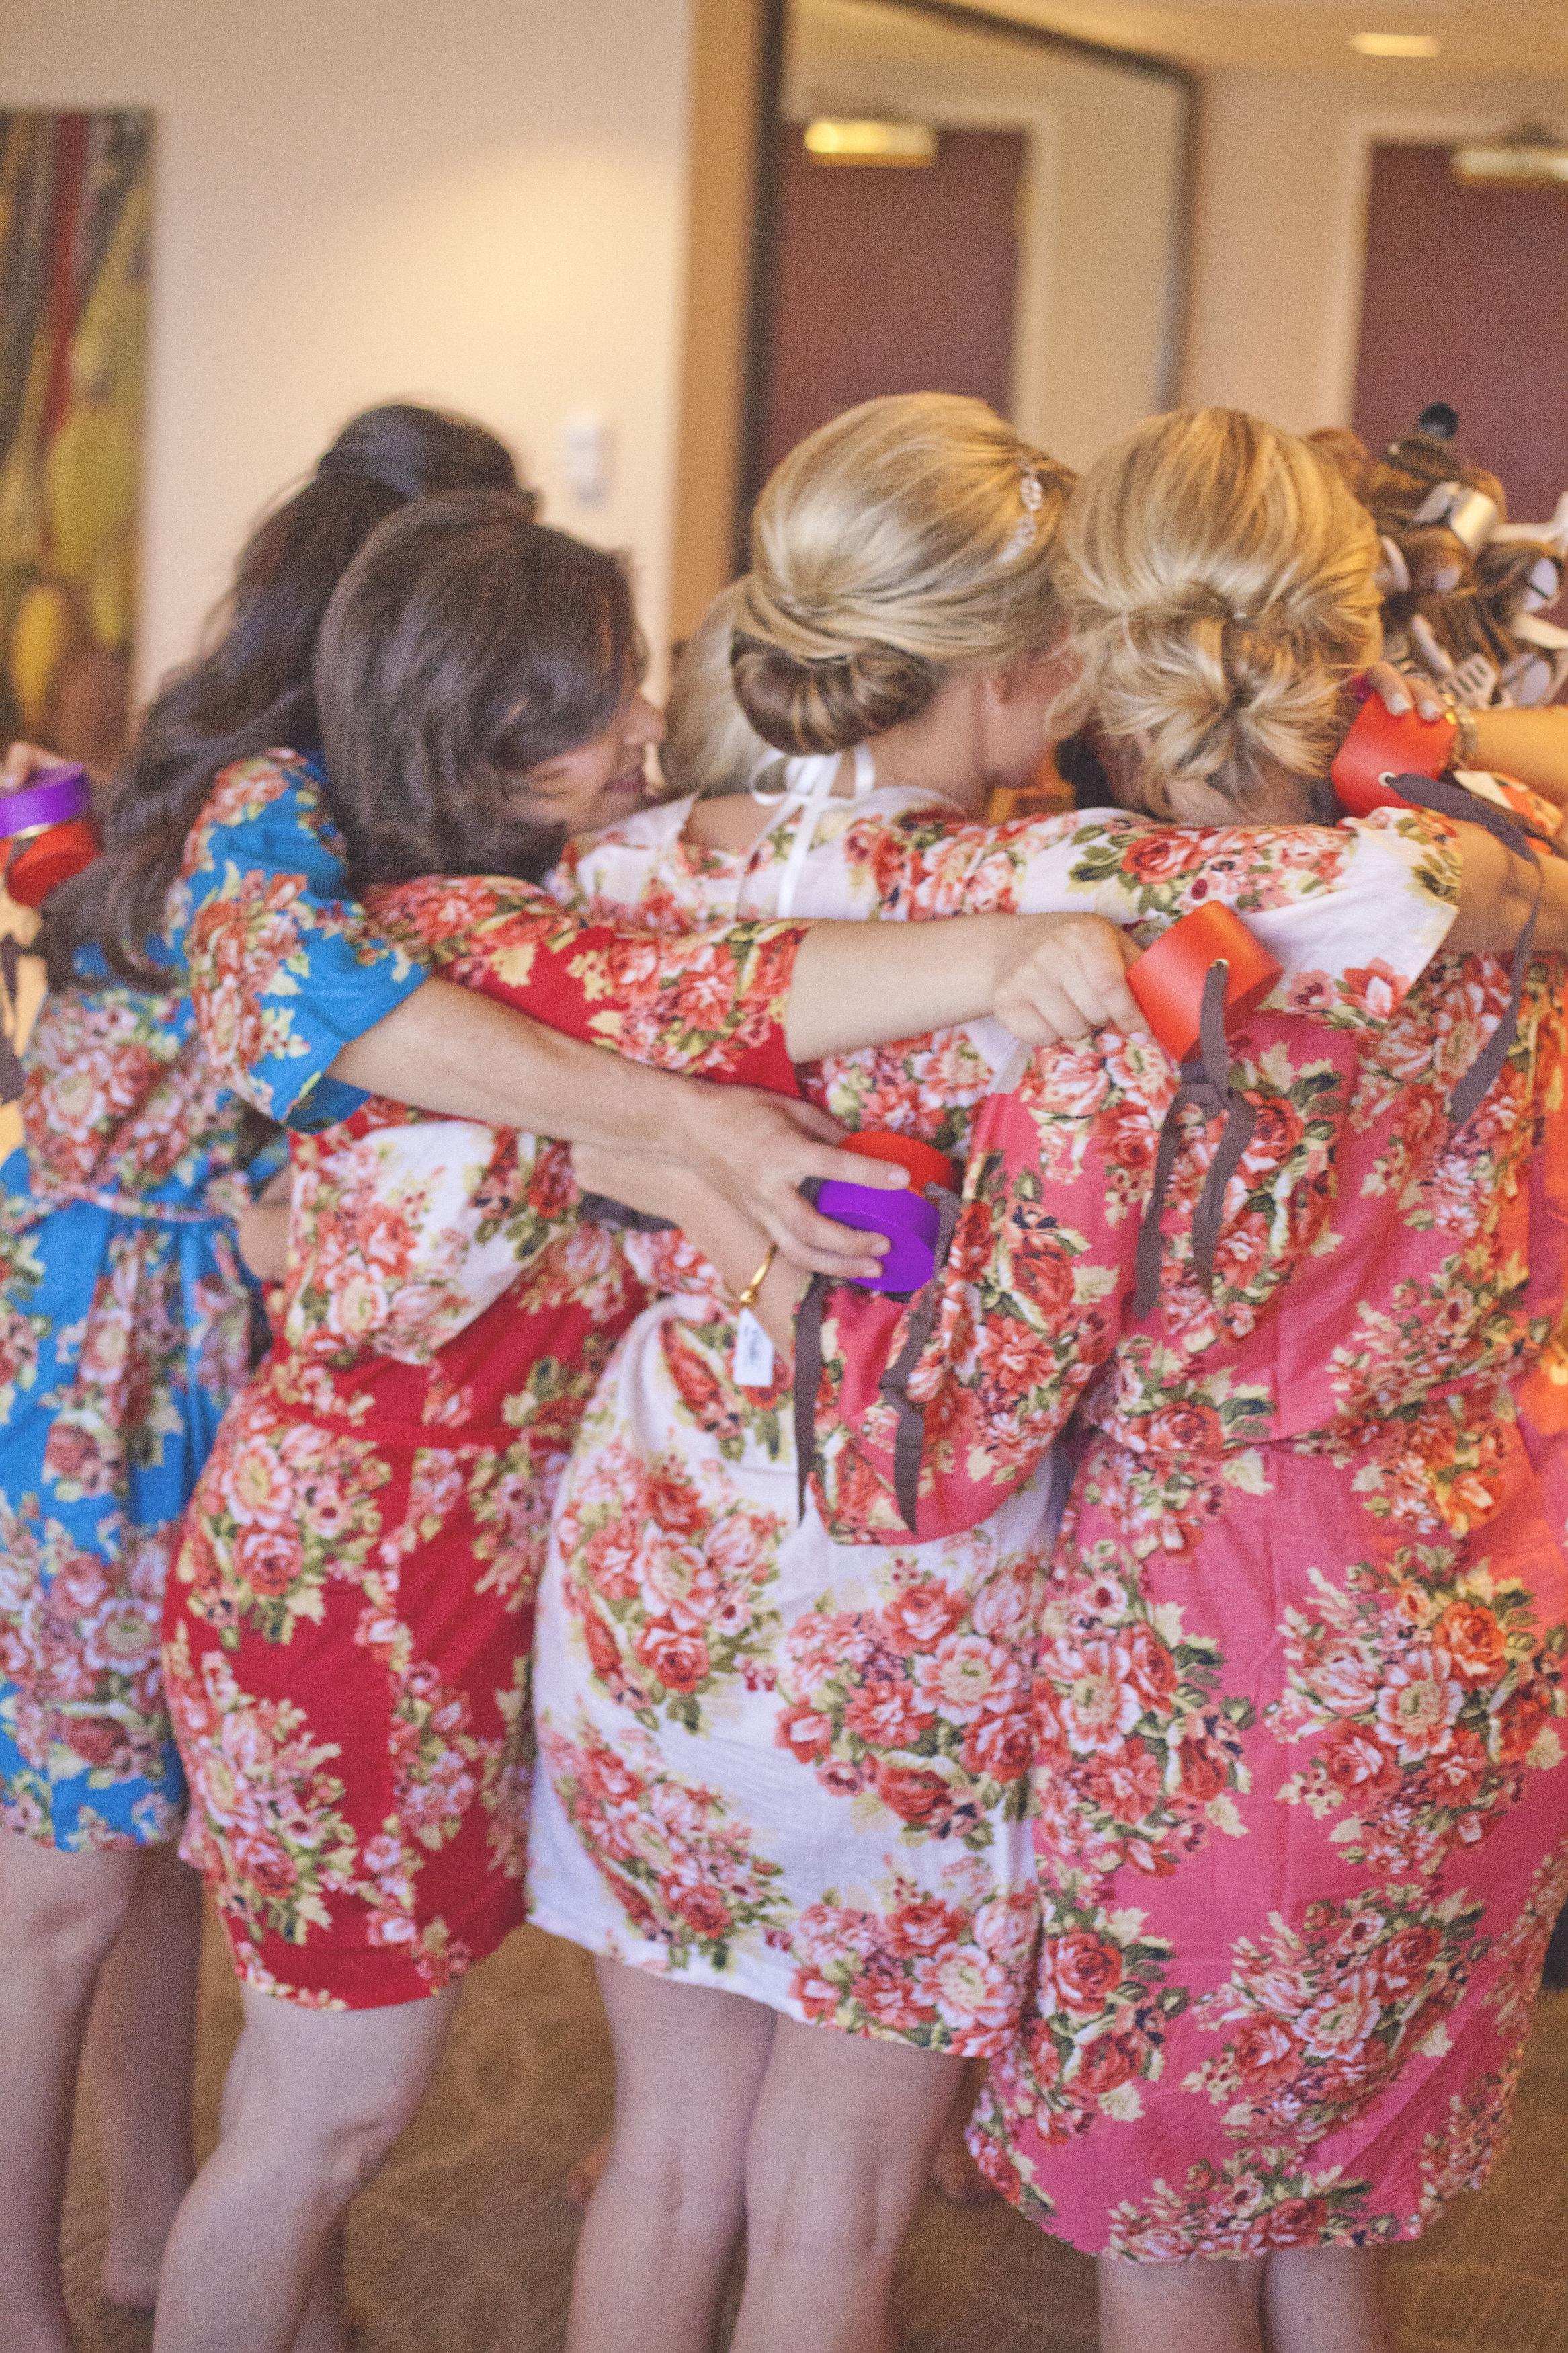 Diva Drama: When Bridesmaids Go Awry